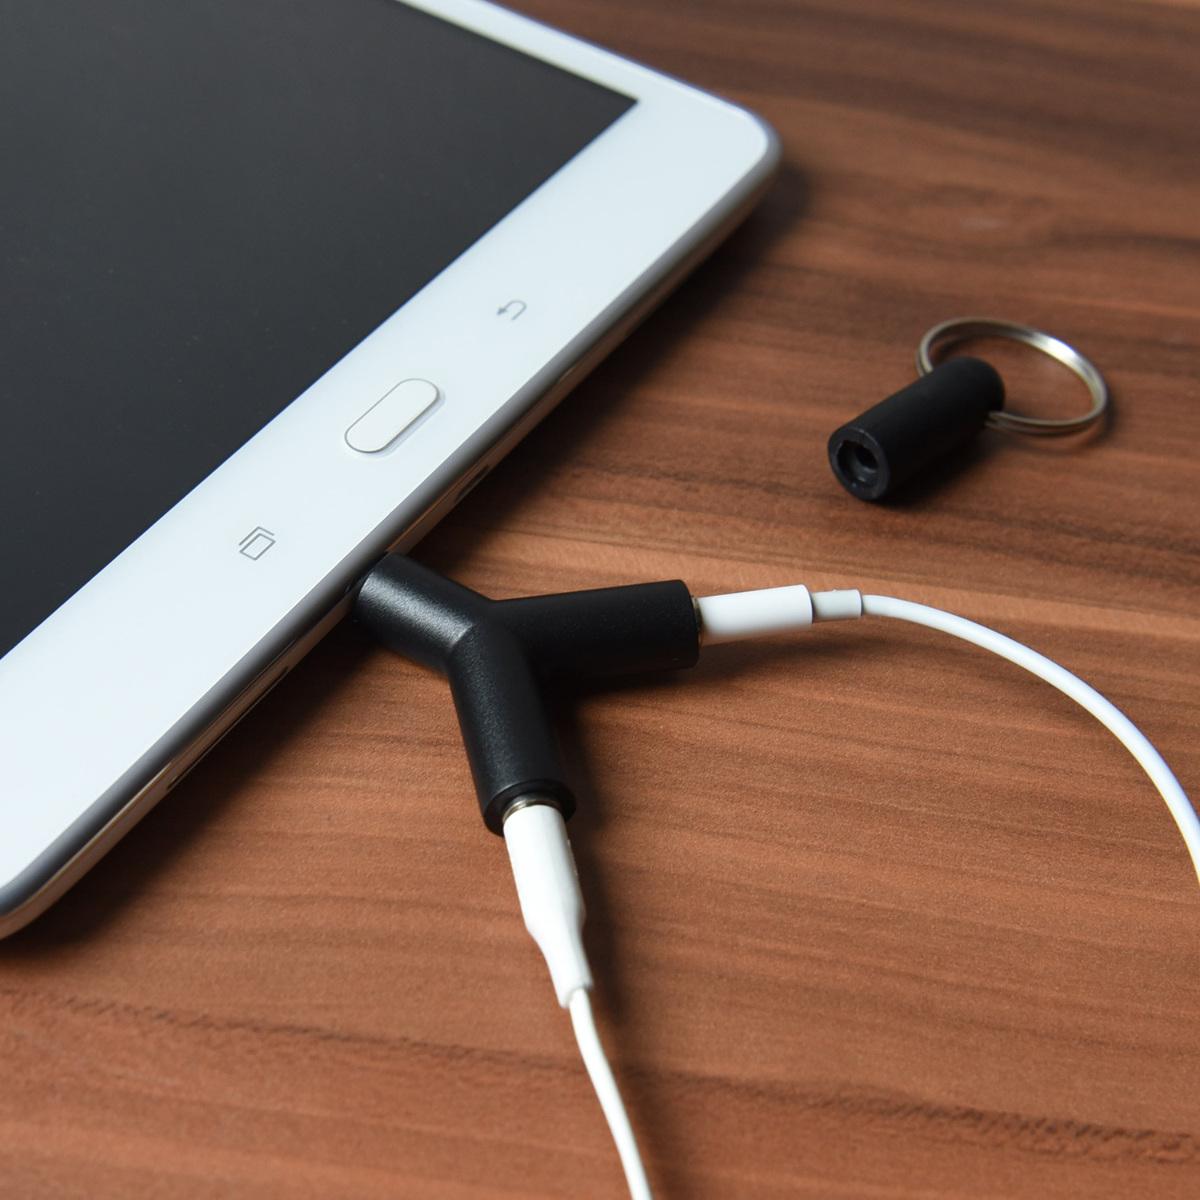 Kopfh rer audio splitter adapter doppel klinkenstecker 3 for Zimmertur offnen ohne klinke